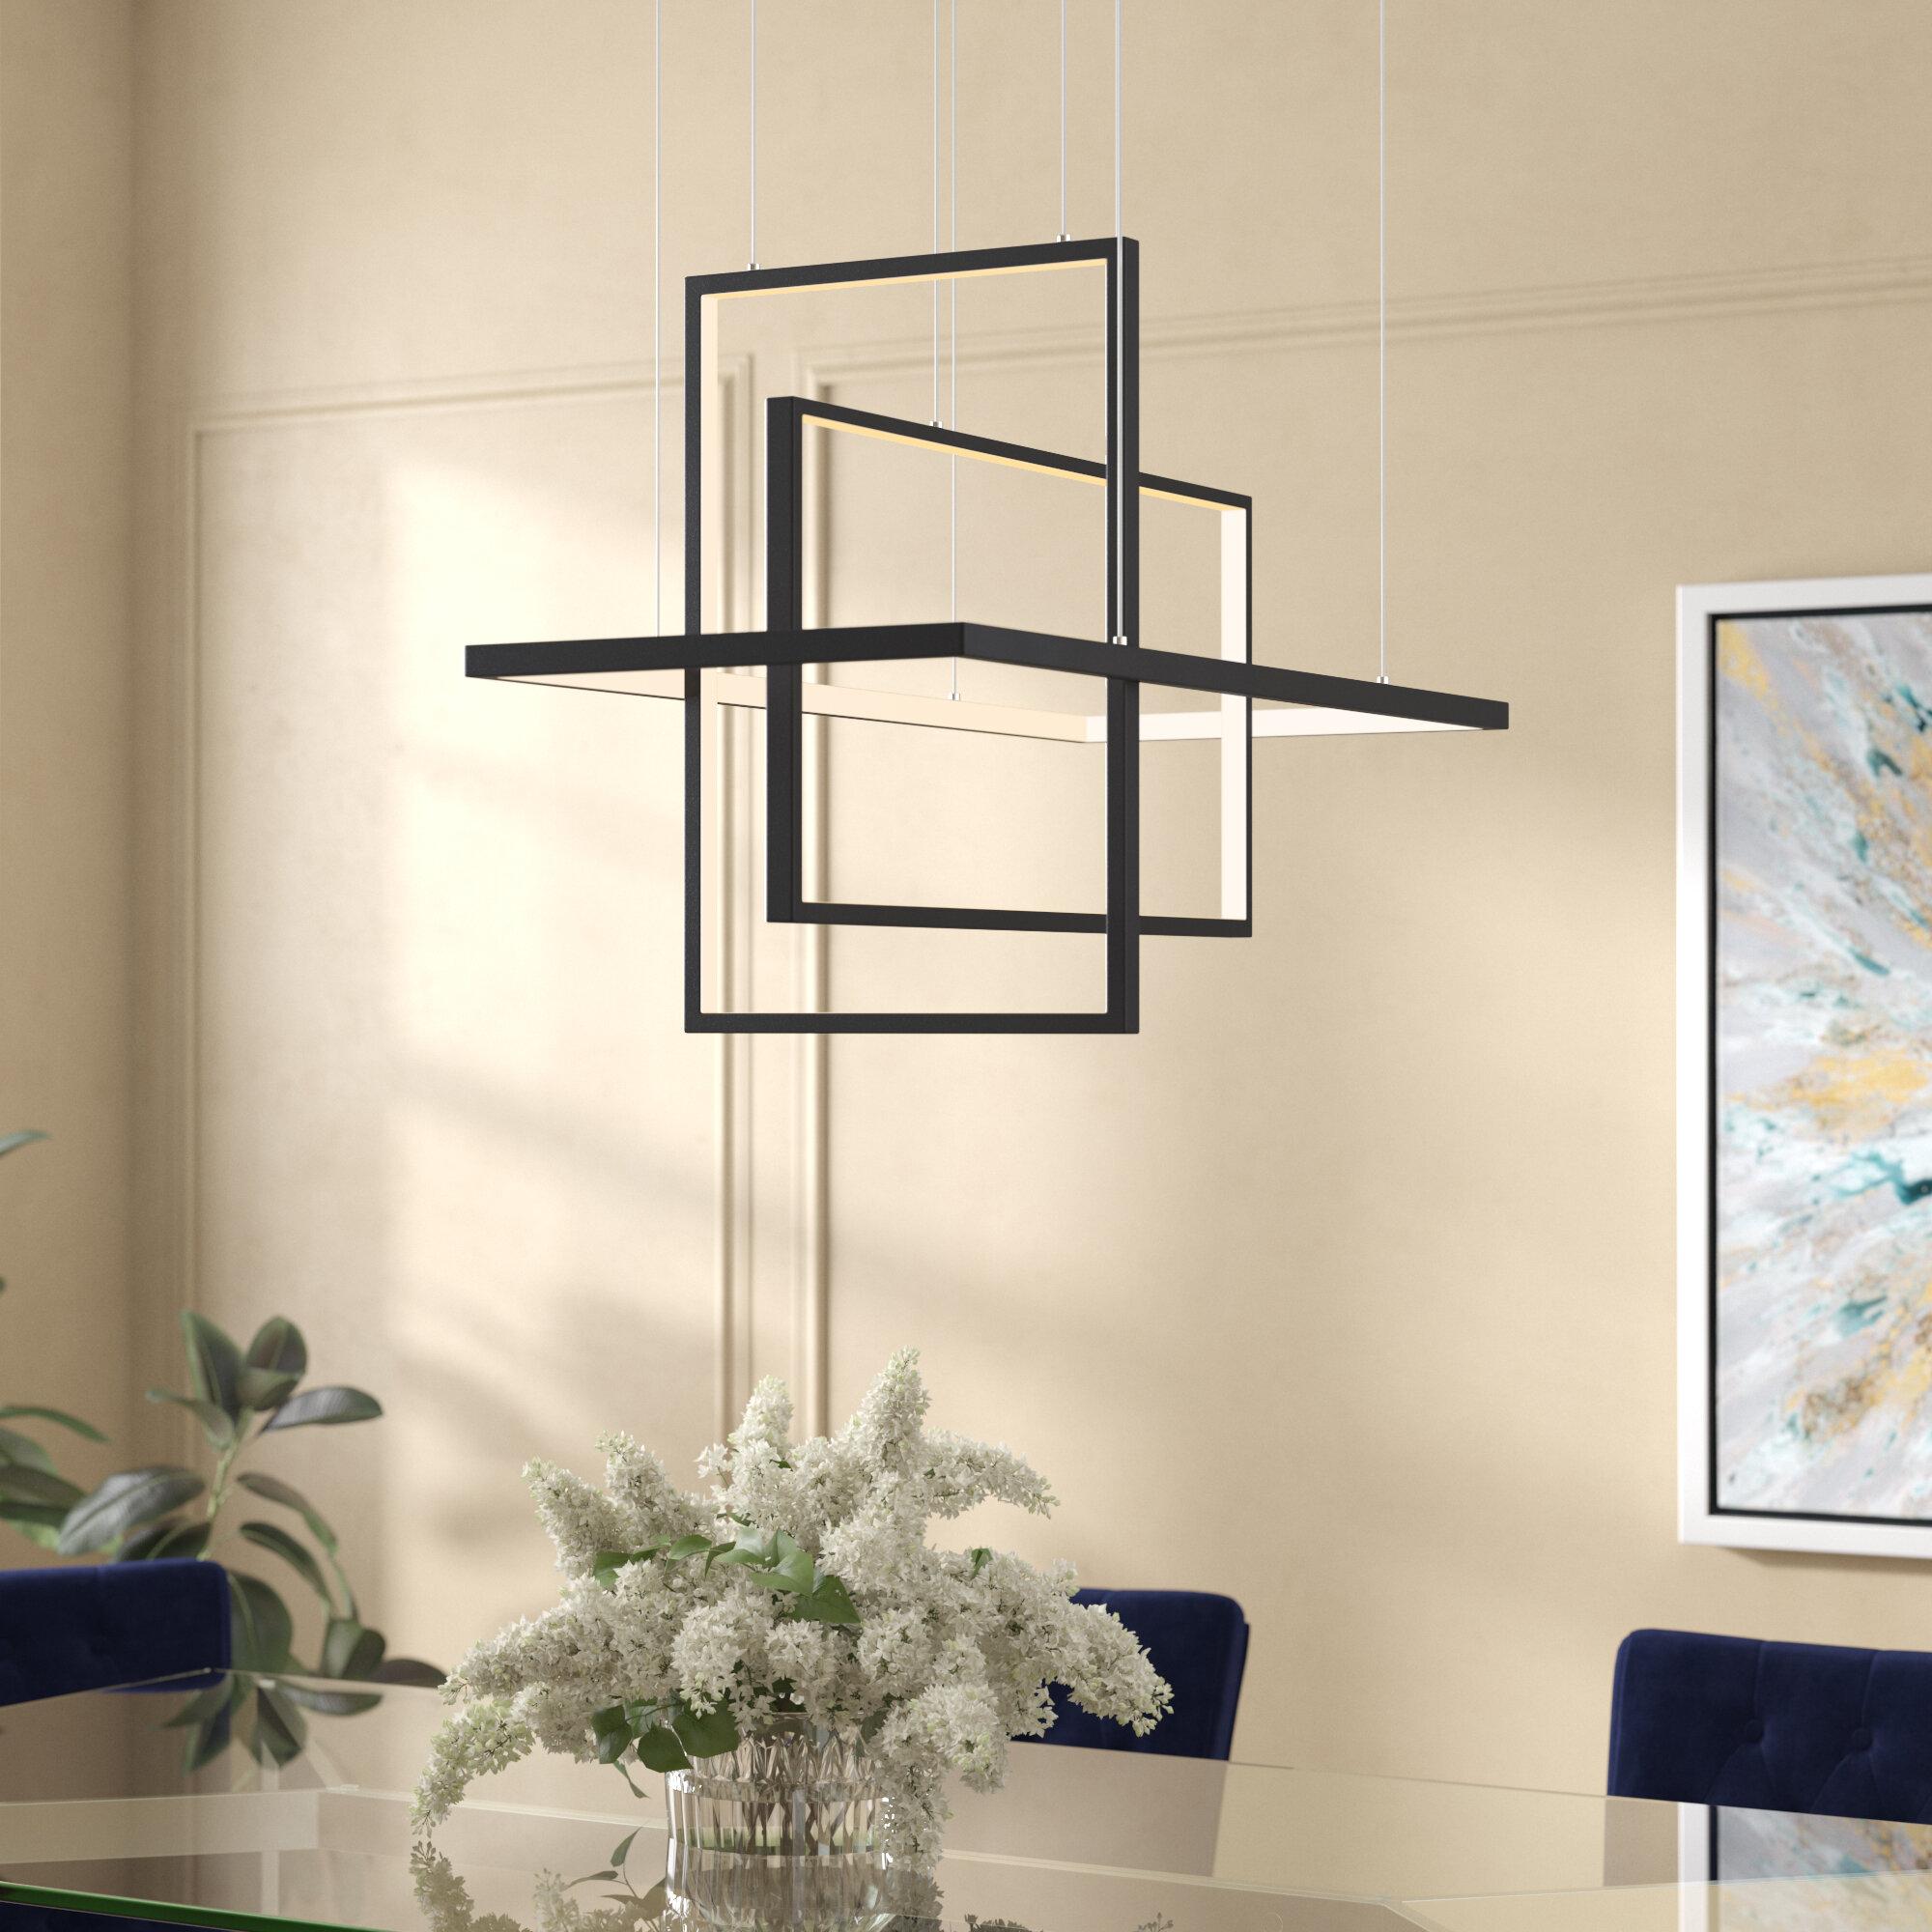 Orren Ellis Lancashire 3 Light Led Unique Statement Geometric Chandelier Reviews Wayfair